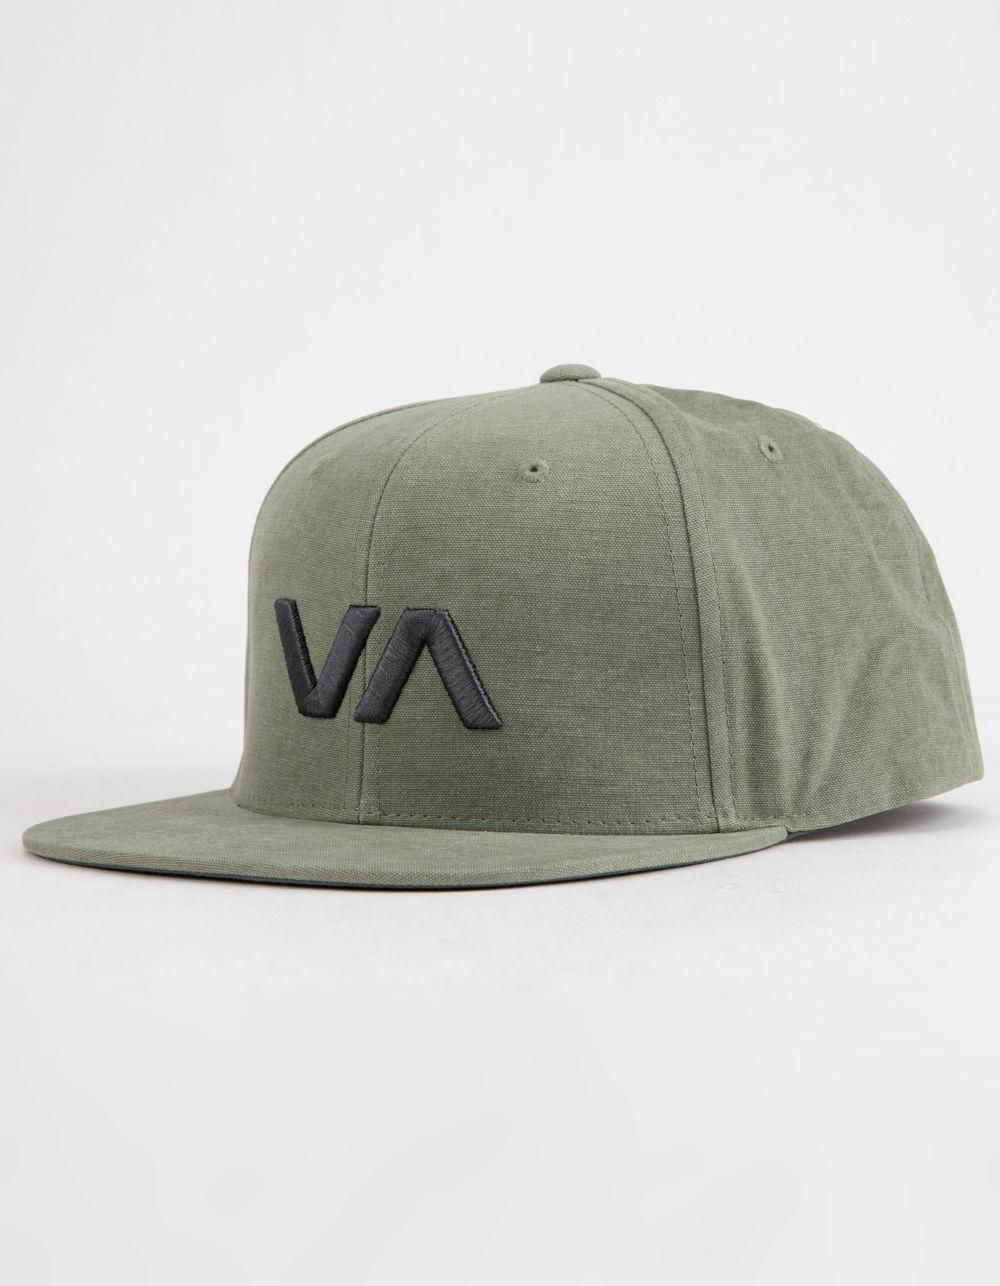 7c566cccdfe Lyst - RVCA Va Ii Mens Snapback in Green for Men